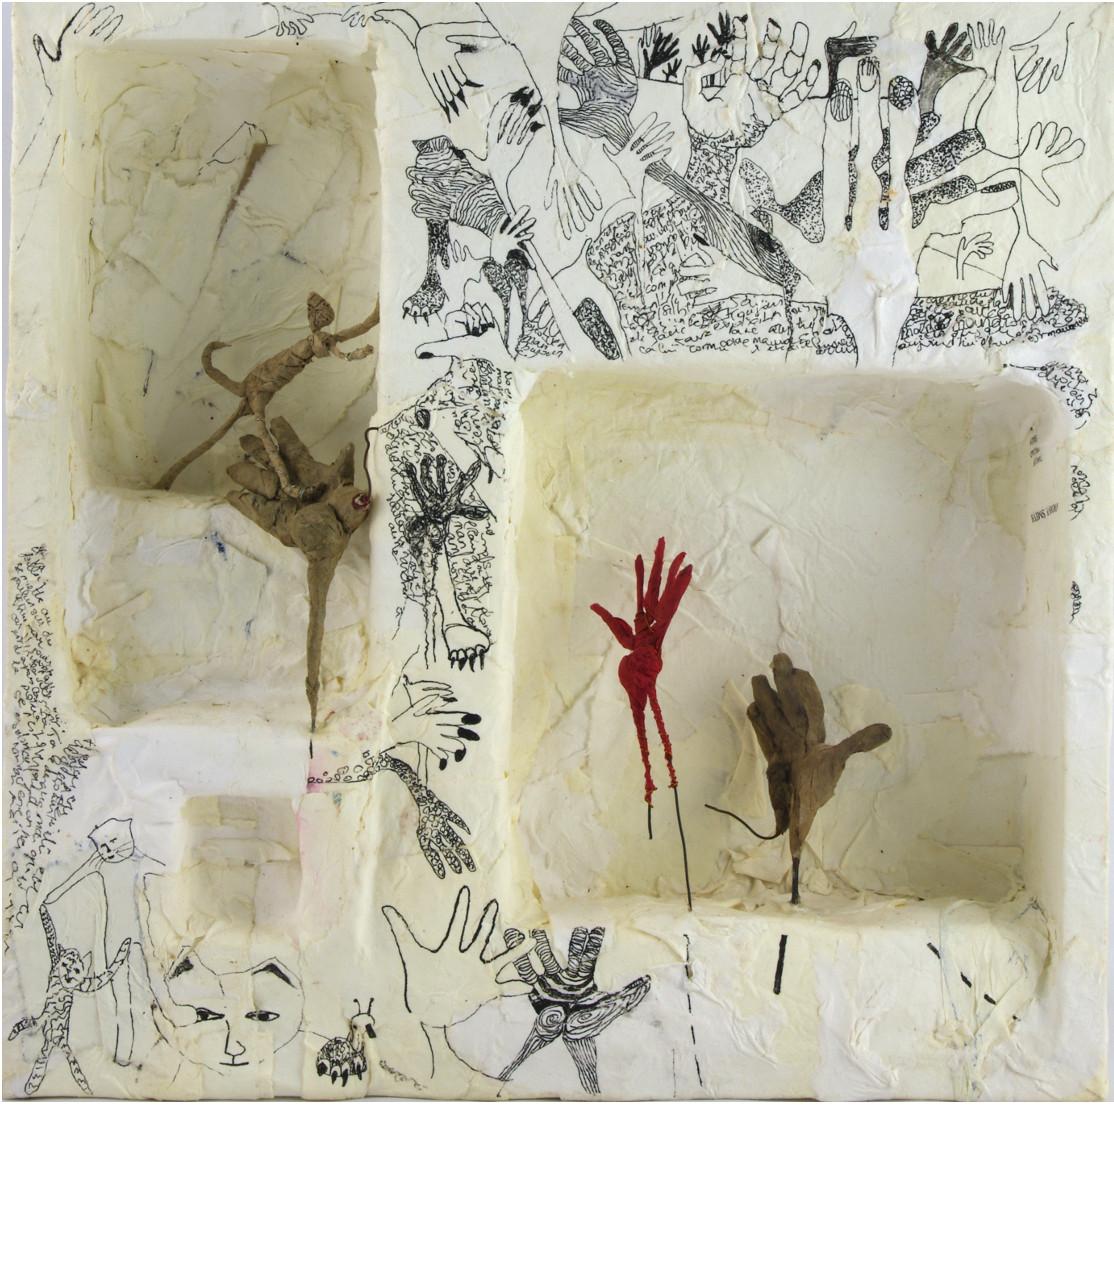 CONTACTS, 2014 boîte papier mâché (28x28x5cm) - Inv. 00034 (+) DÉTAILS